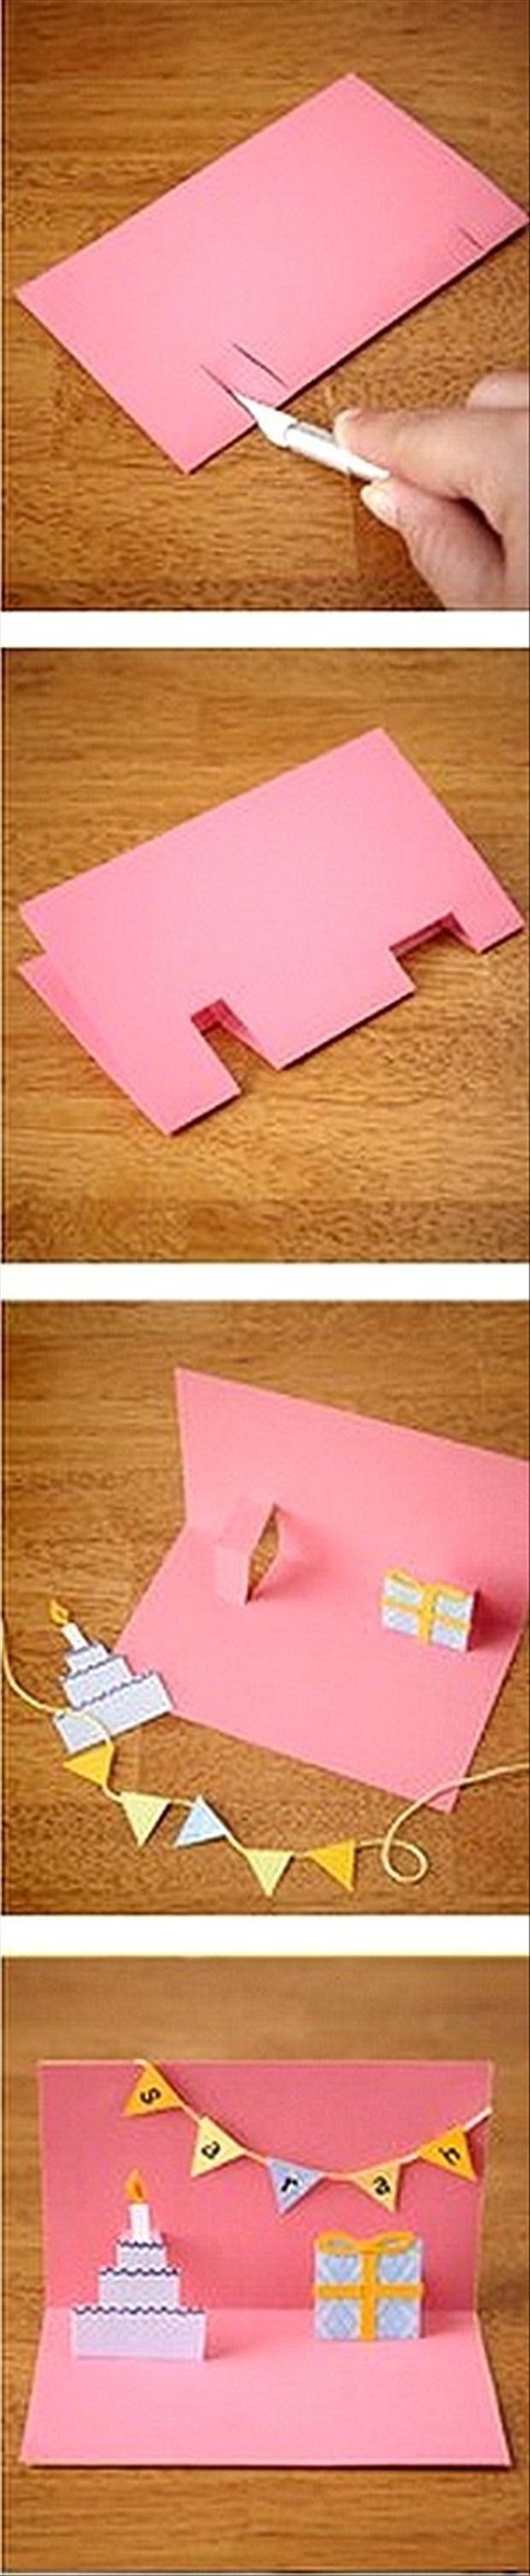 Kağıt Süslemeleri Nasıl Yapılır? ,  #kağıtkenarsüsleri #kağıttansüsyapımıkolay #kağıttansüslerörnekleri #kartonsüslemeörnekleri , Zaman zaman yazılarımızda süslemeler ile ilgili fikirler de veriyoruz. Yine güzel bir kağıttan süslemeler örnekleri hazırladık. Kağıttan ... https://mimuu.com/kagit-suslemeleri-nasil-yapilir/